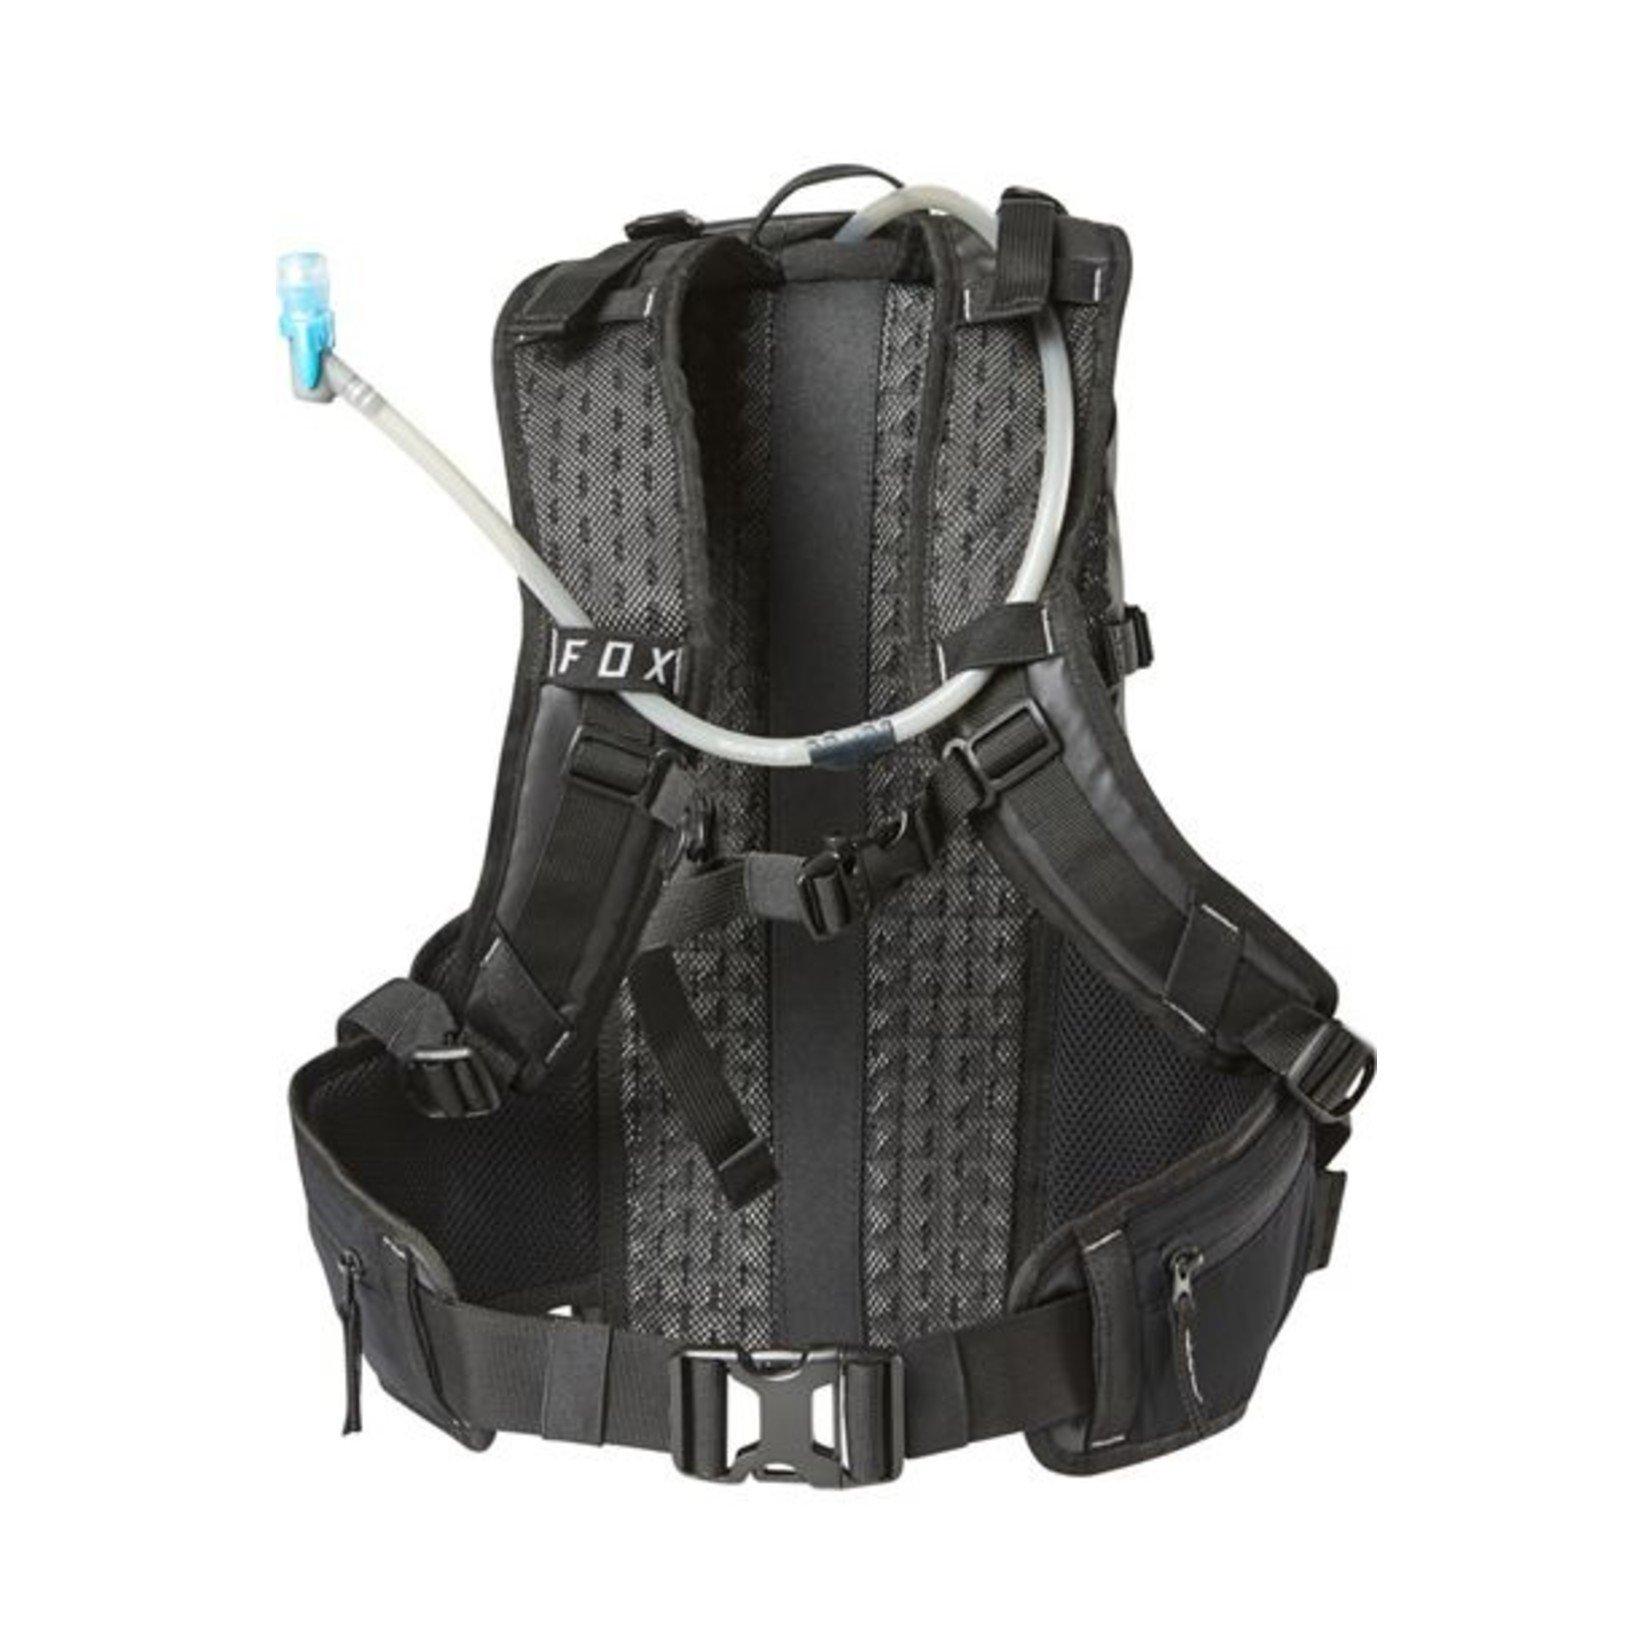 Fox Fox Utility Hydration Pack - Medium